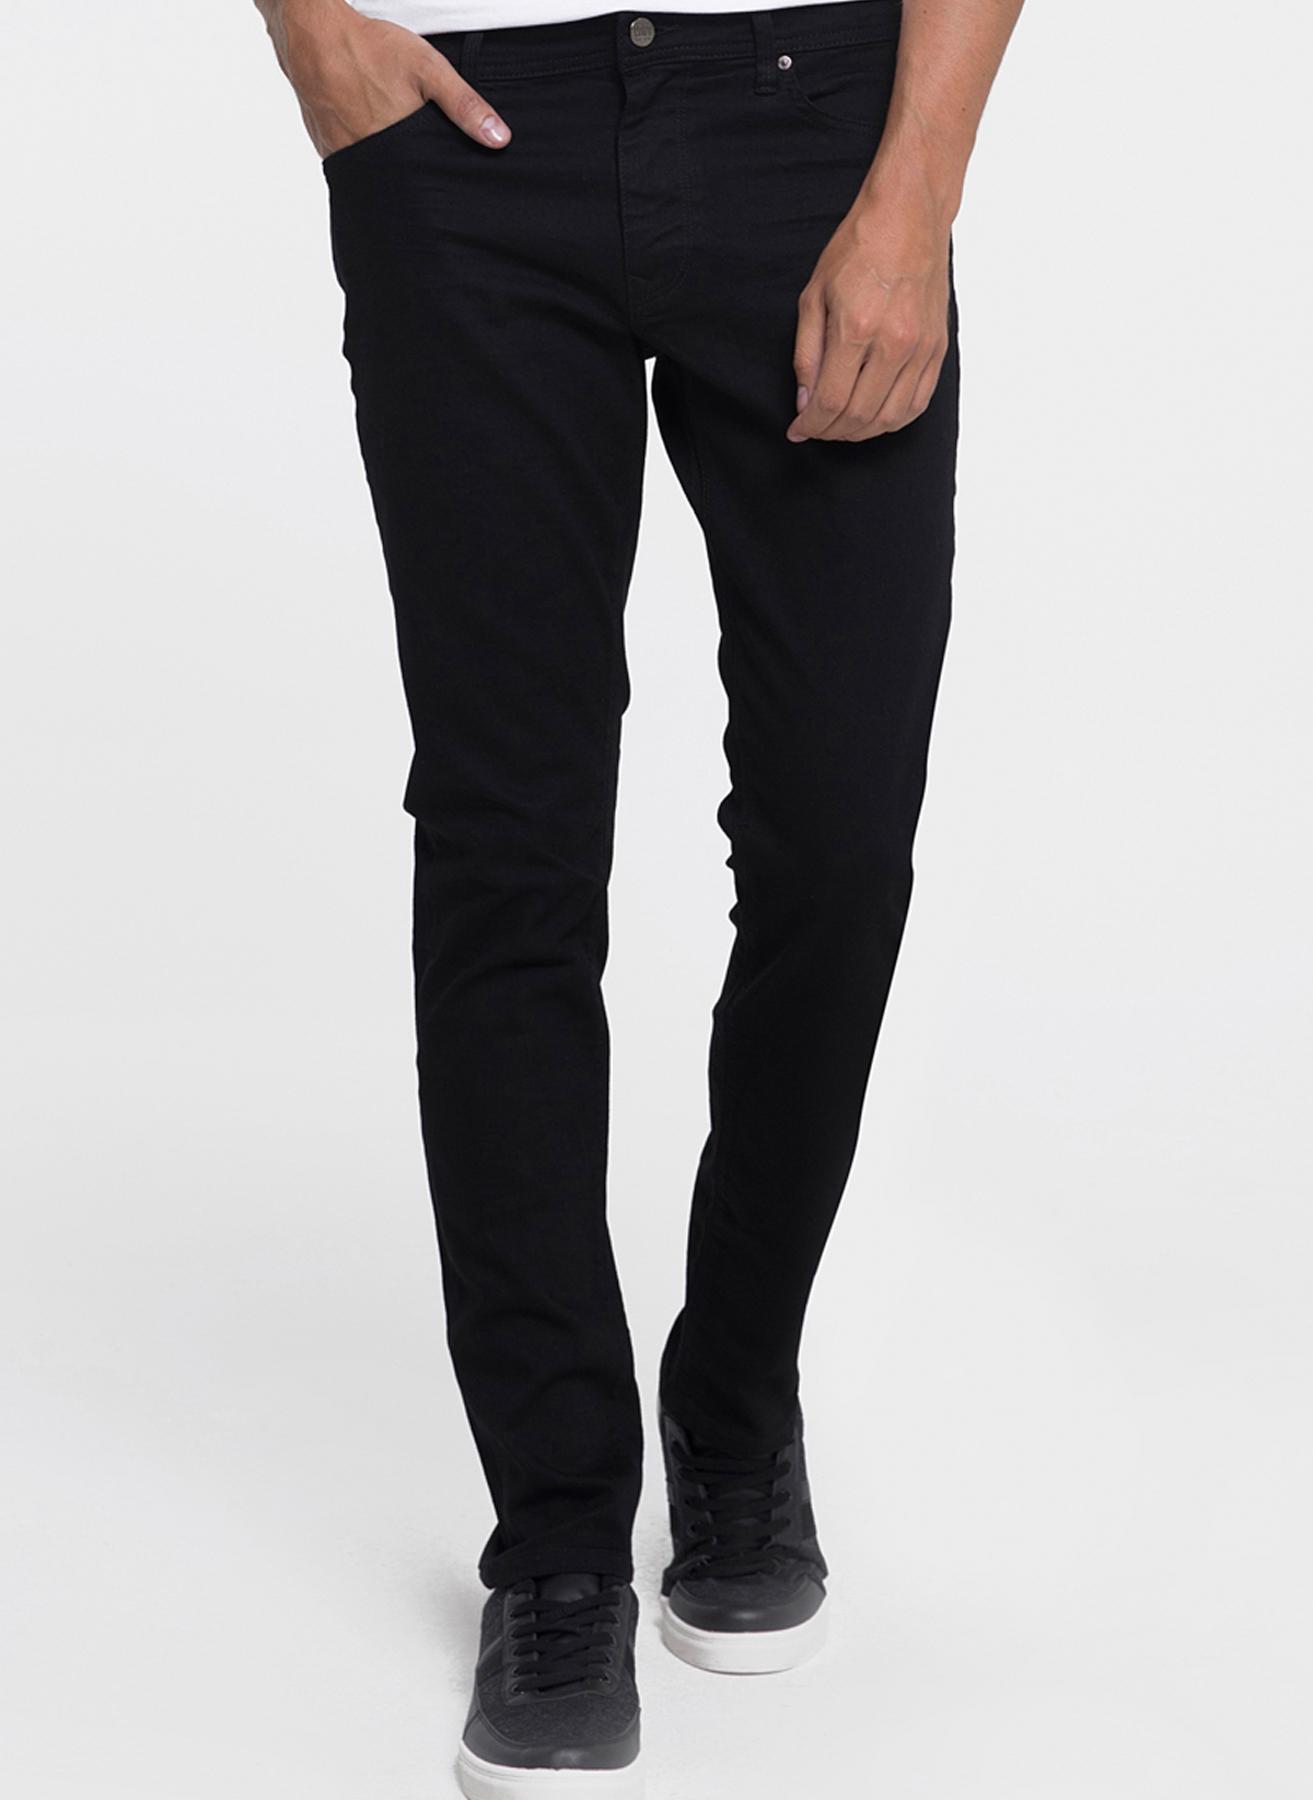 Loft Klasik Pantolon 32-30 5001733846008 Ürün Resmi